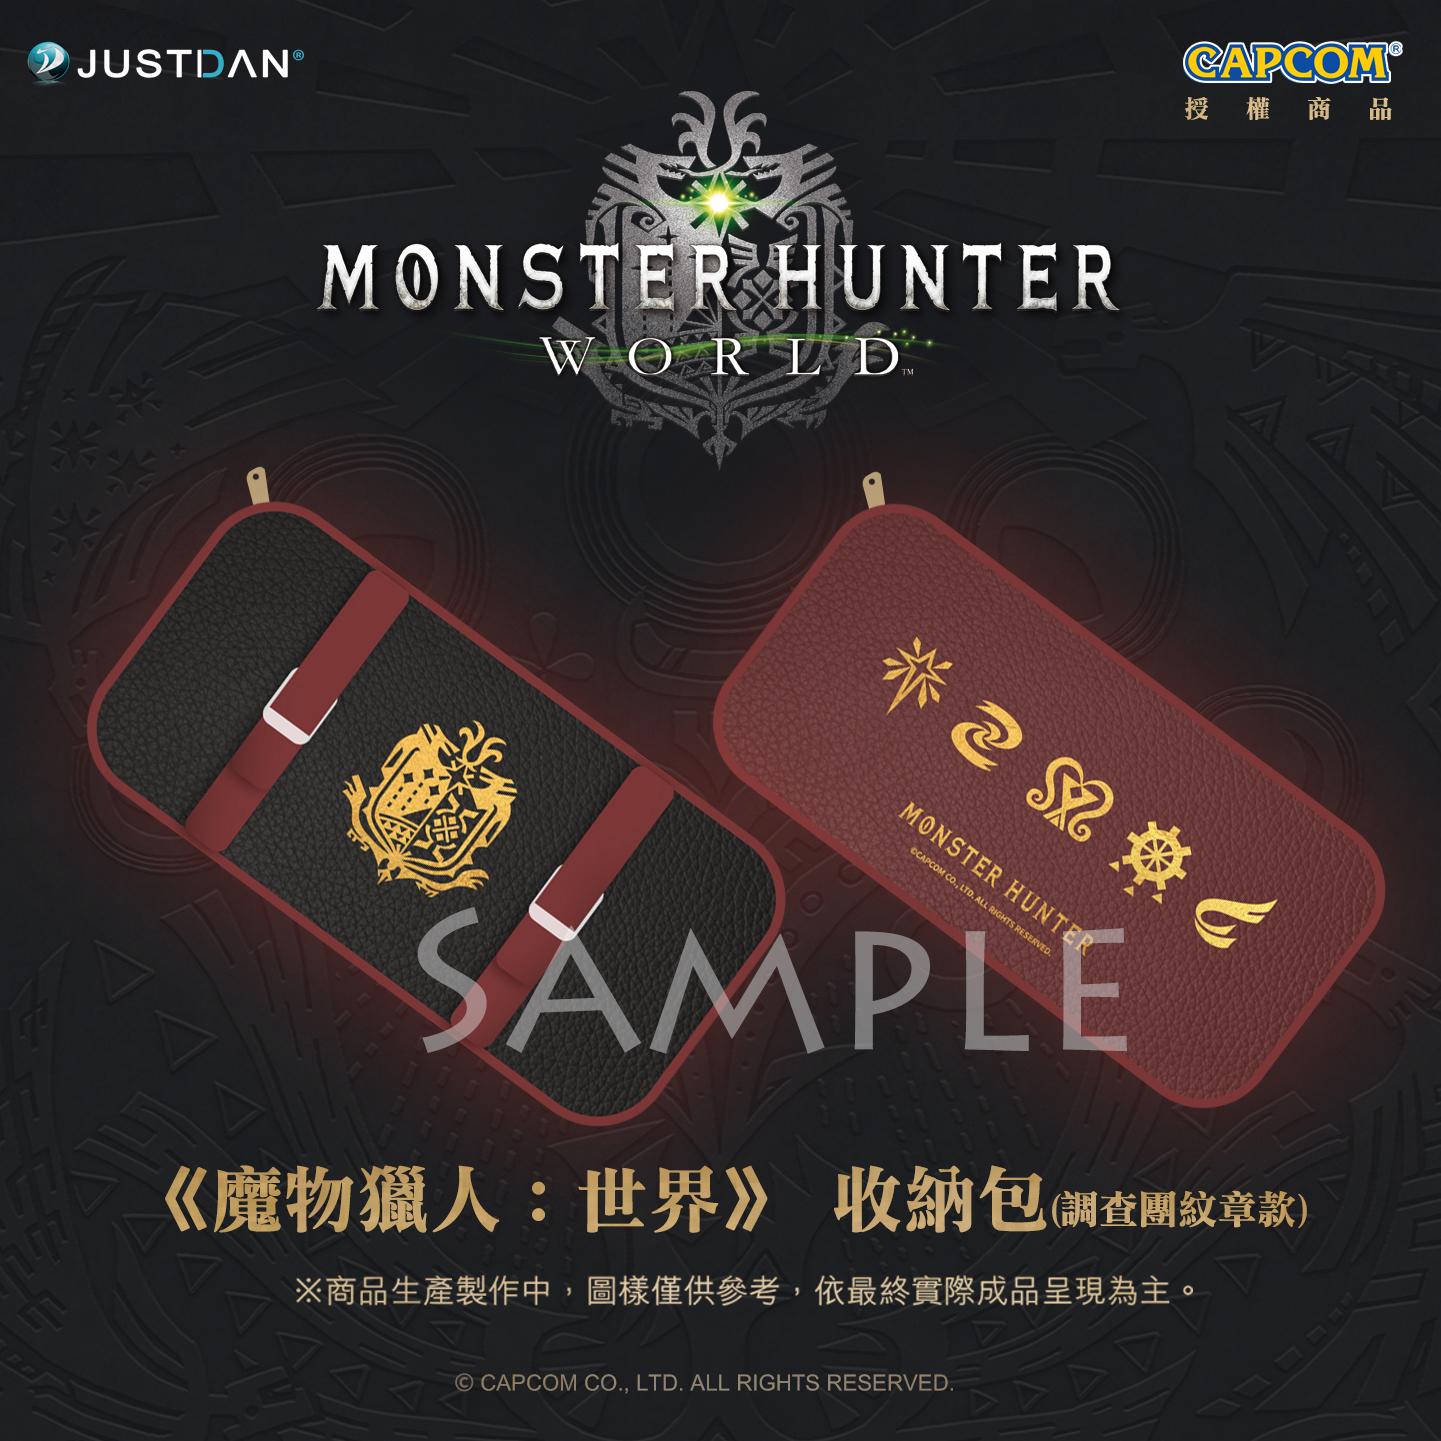 《魔物獵人 世界》/Airou from the Monster Hunter系列台灣獨家周邊,第一彈正式開放預購!將於12/24火熱上市 %25E9%25AD%2594%25E7%2589%25A9%25E7%258D%25B5%25E4%25BA%25BA%25E6%2594%25B6%25E7%25B4%258D%25E5%258C%2585%2528%25E8%25AA%25BF%25E6%259F%25A5%25E5%259C%2598%25E7%25B4%258B%25E7%25AB%25A0%25E6%25A8%25A3%25E5%25BC%258F%2529